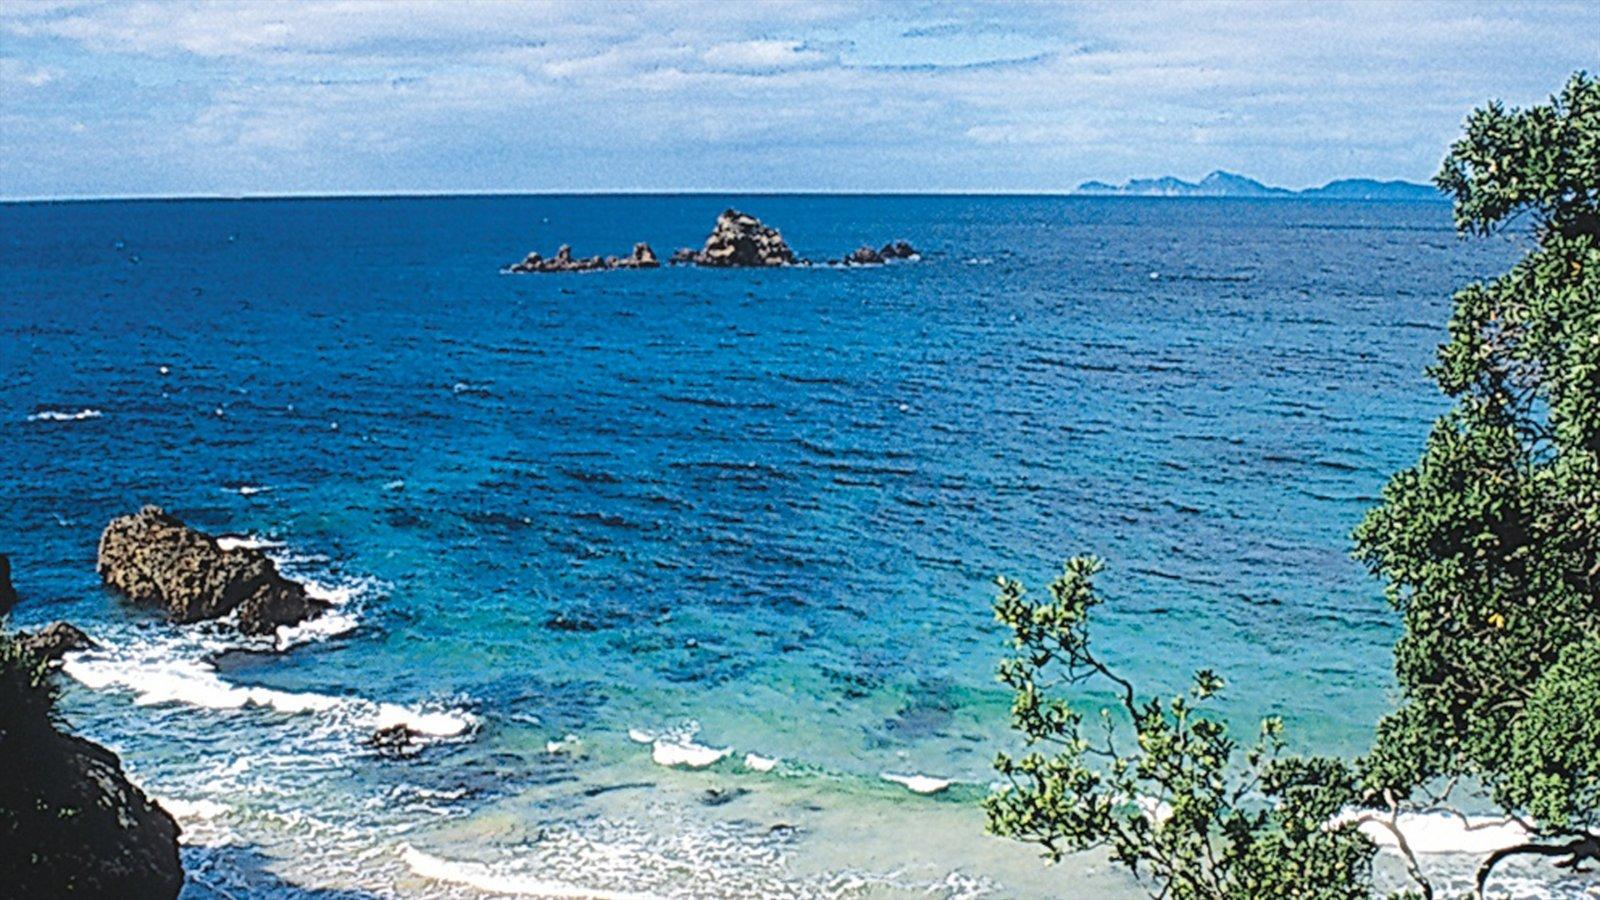 Northland que incluye vistas de paisajes, vistas generales de la costa y escenas tropicales